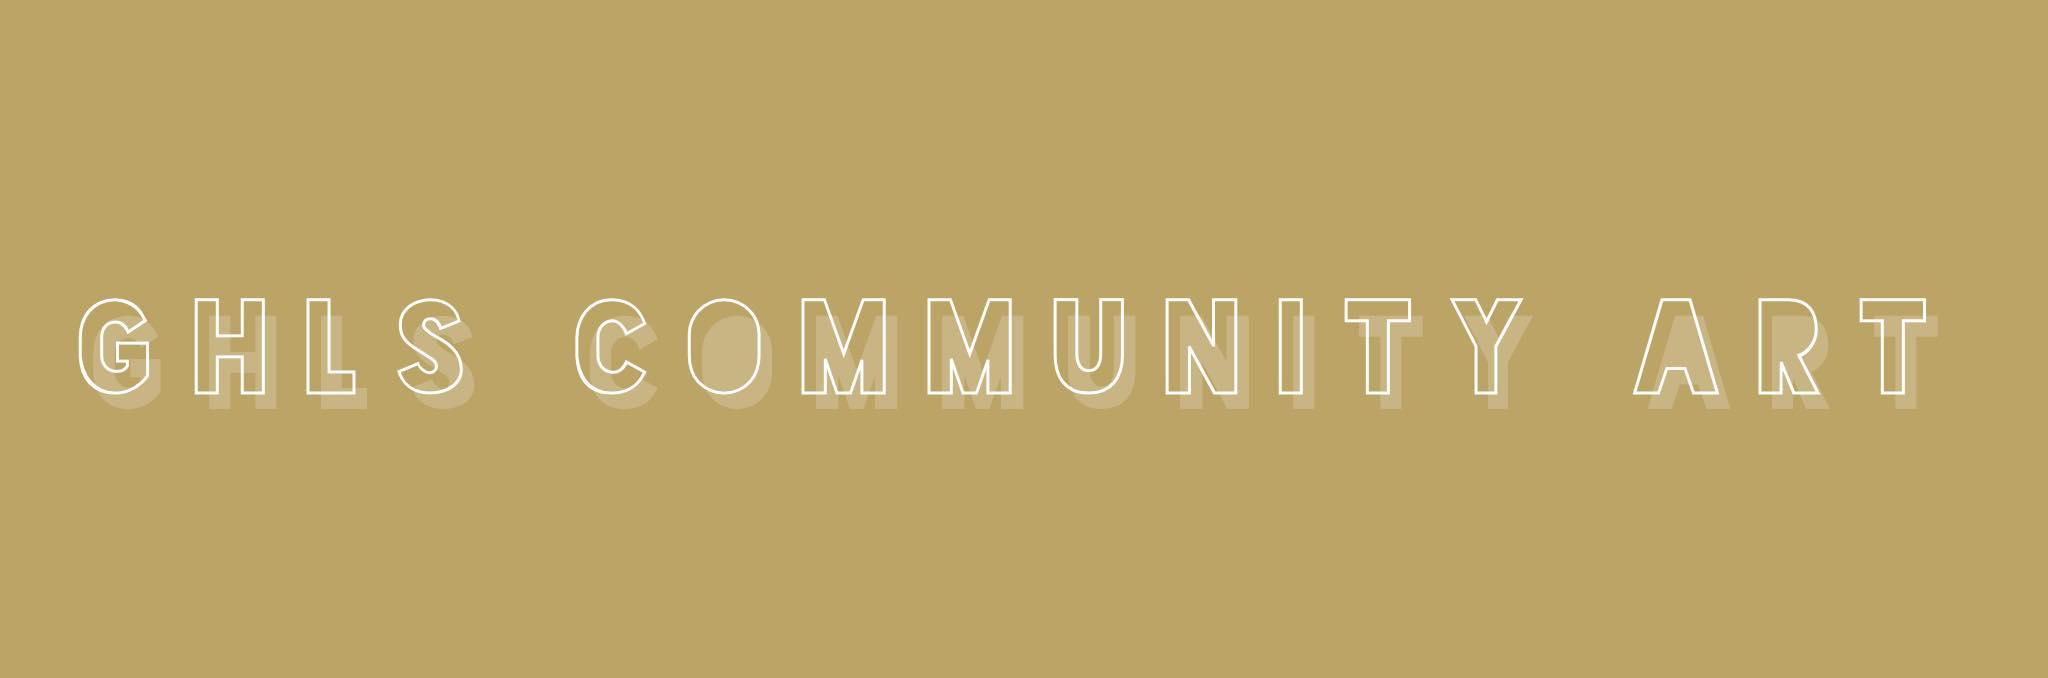 GLHS COMMUNITY ART